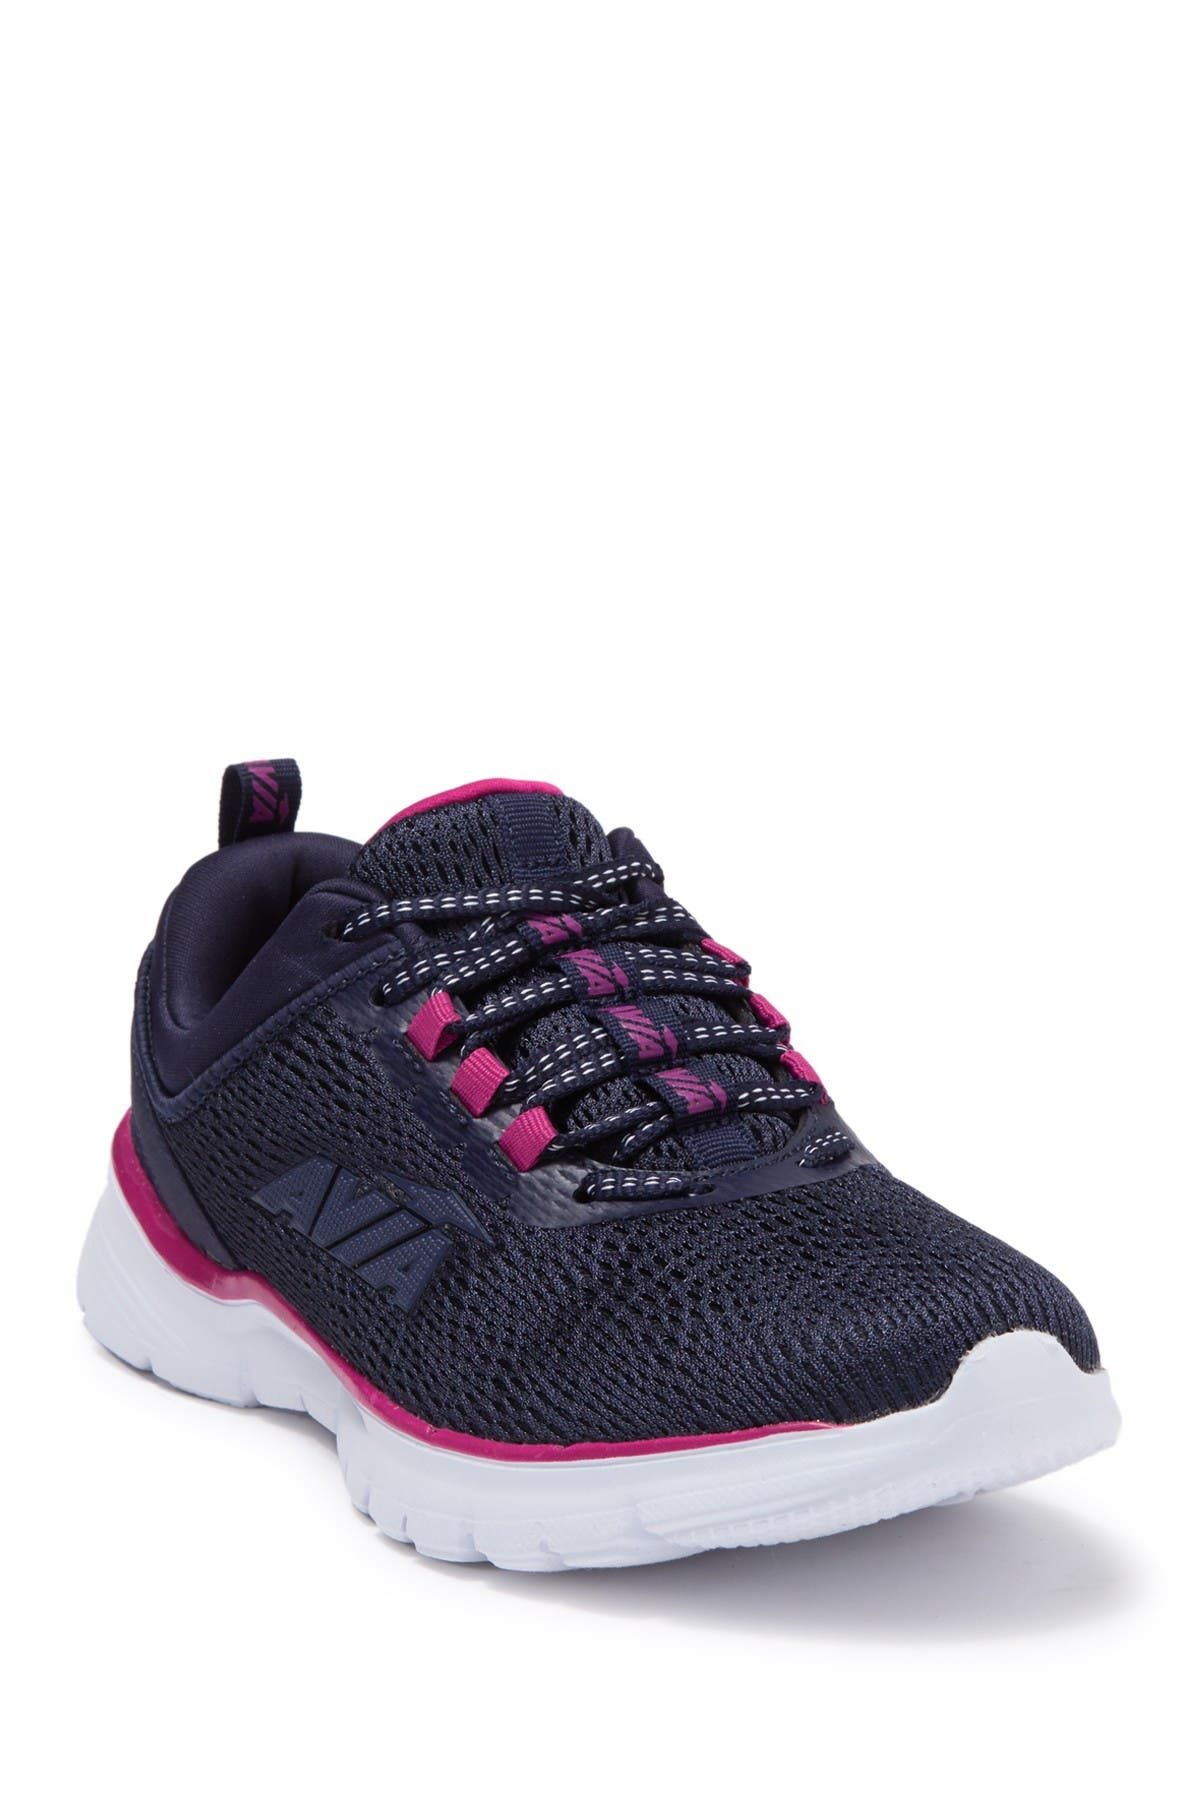 Image of AVIA Avi Factor Sneaker